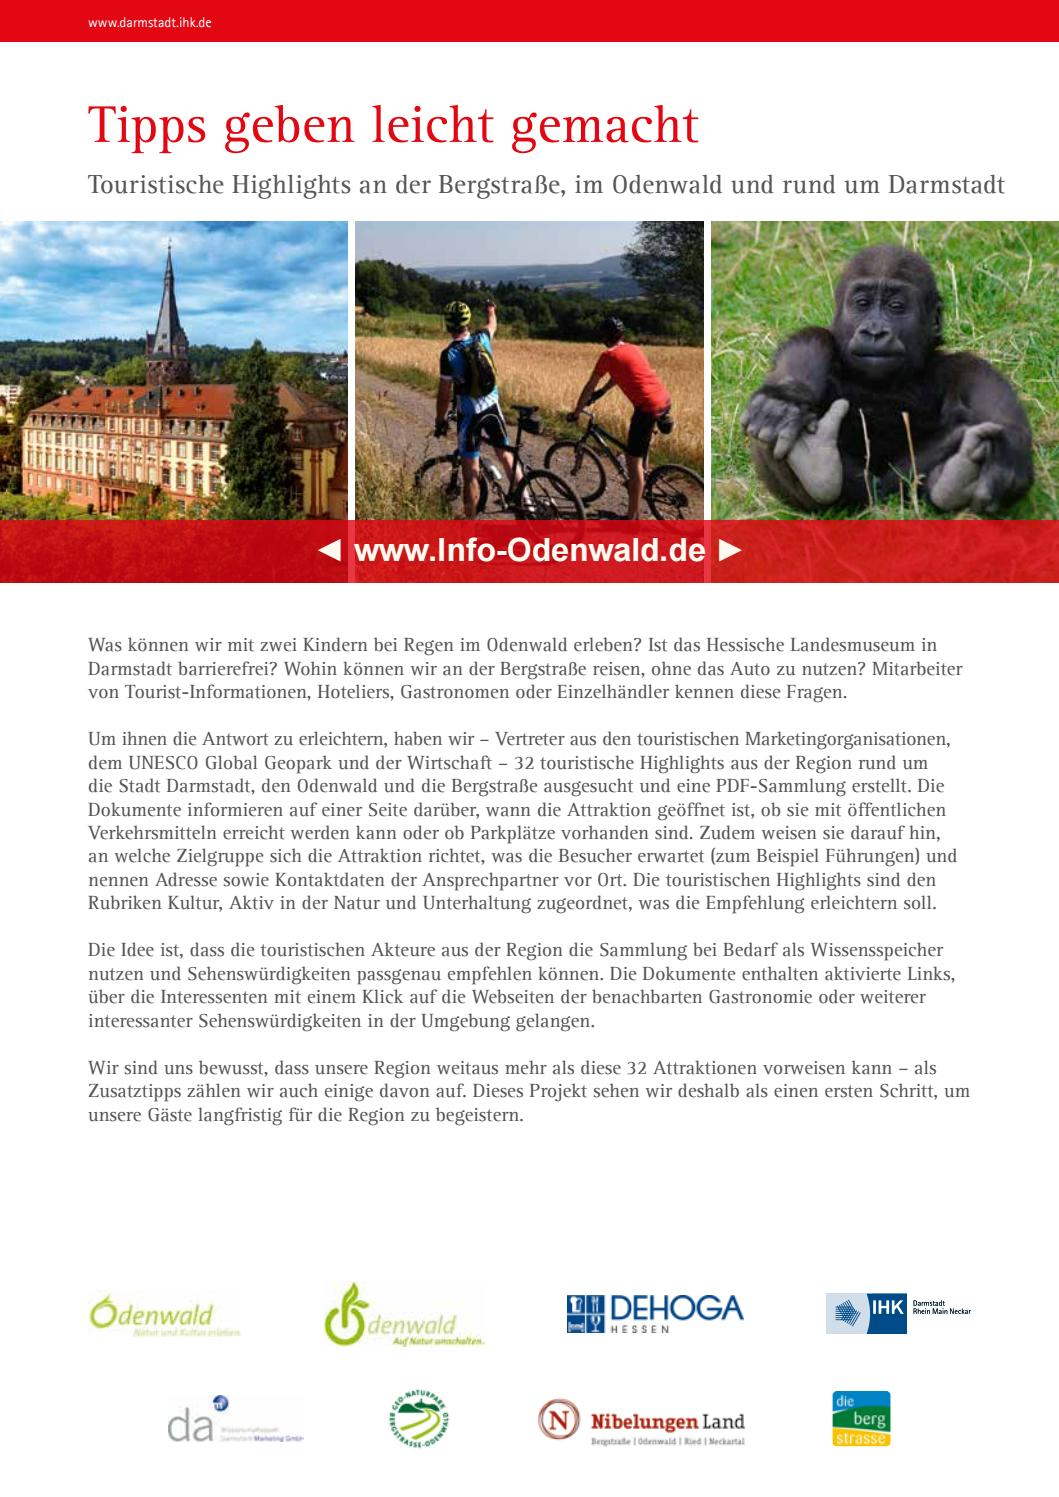 32 Touristische Highlights der Regionen Darmstadt, Odenwald ...